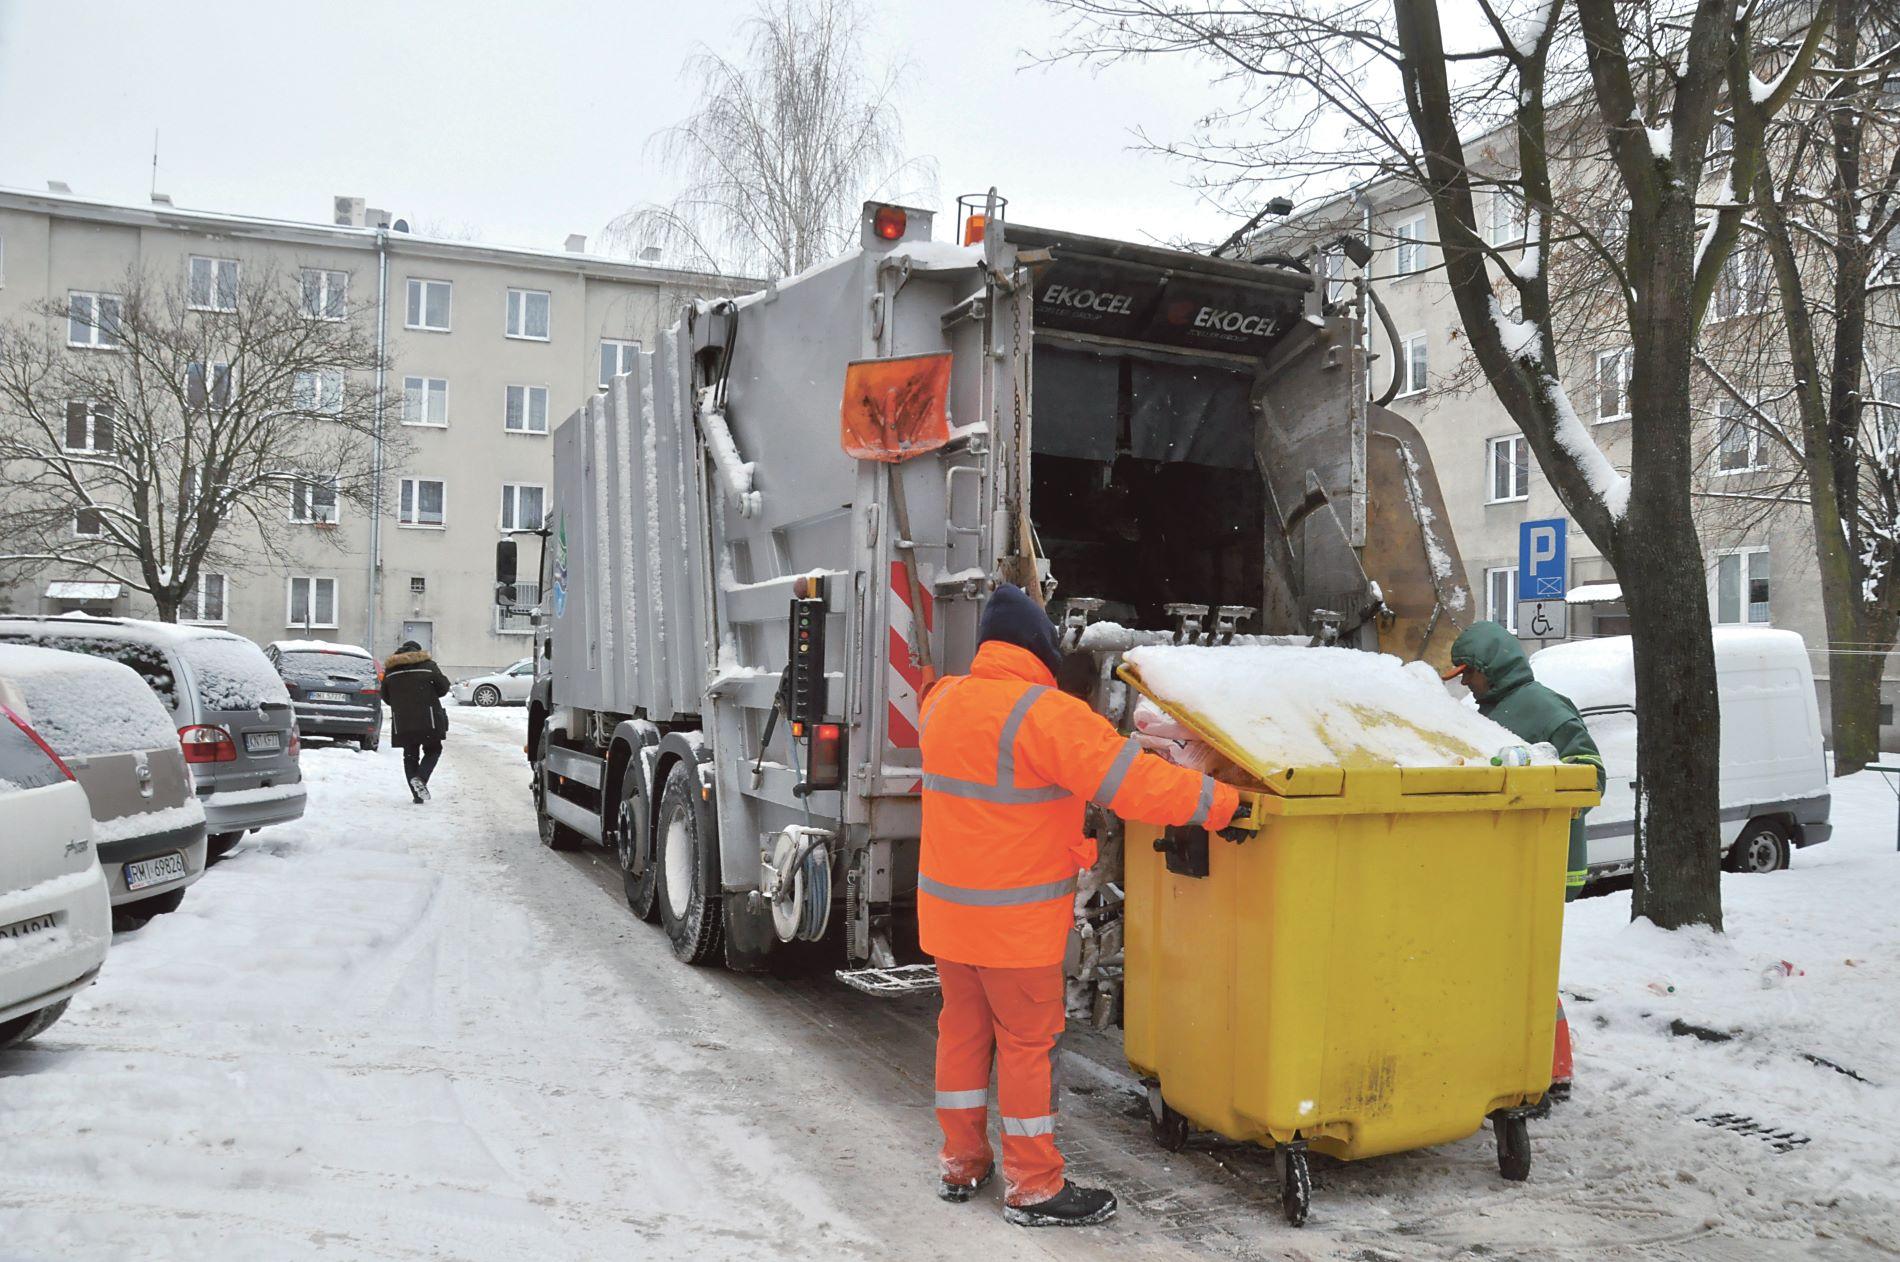 Przetarg na odbiór śmieci w Mielcu. Miasto kieruje pisma do FCC Tarnobrzeg - Zdjęcie główne